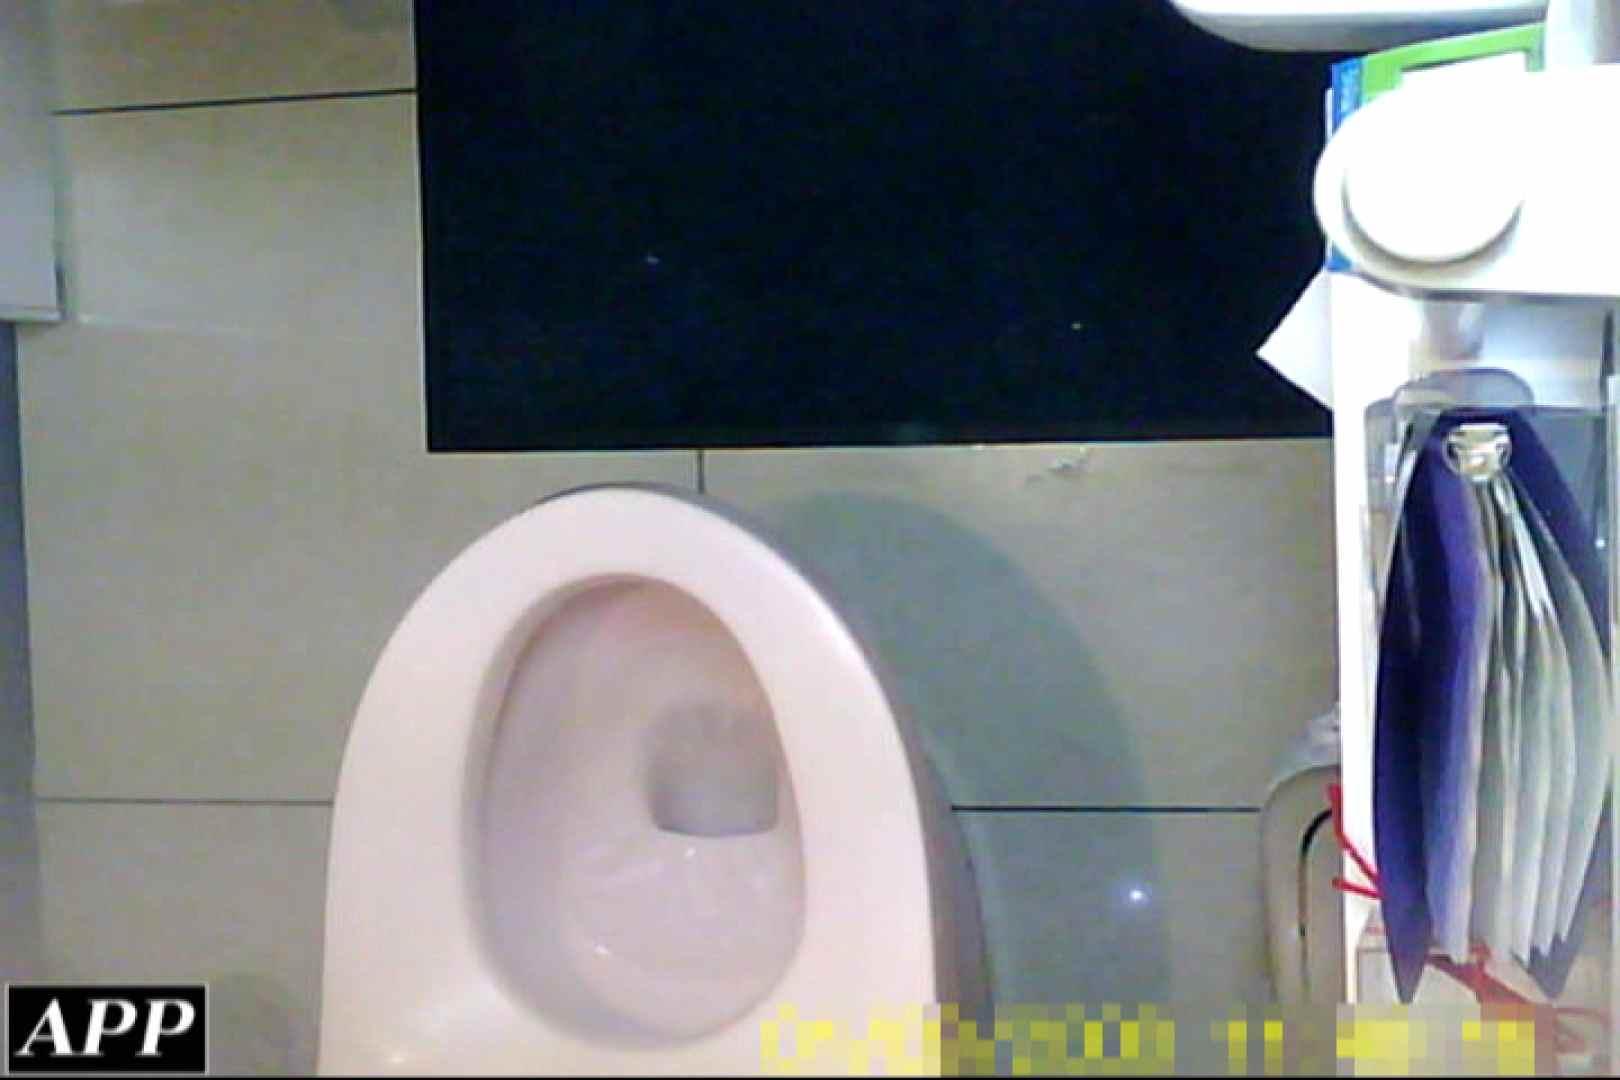 3視点洗面所 vol.101 洗面所 盗撮おまんこ無修正動画無料 100画像 100